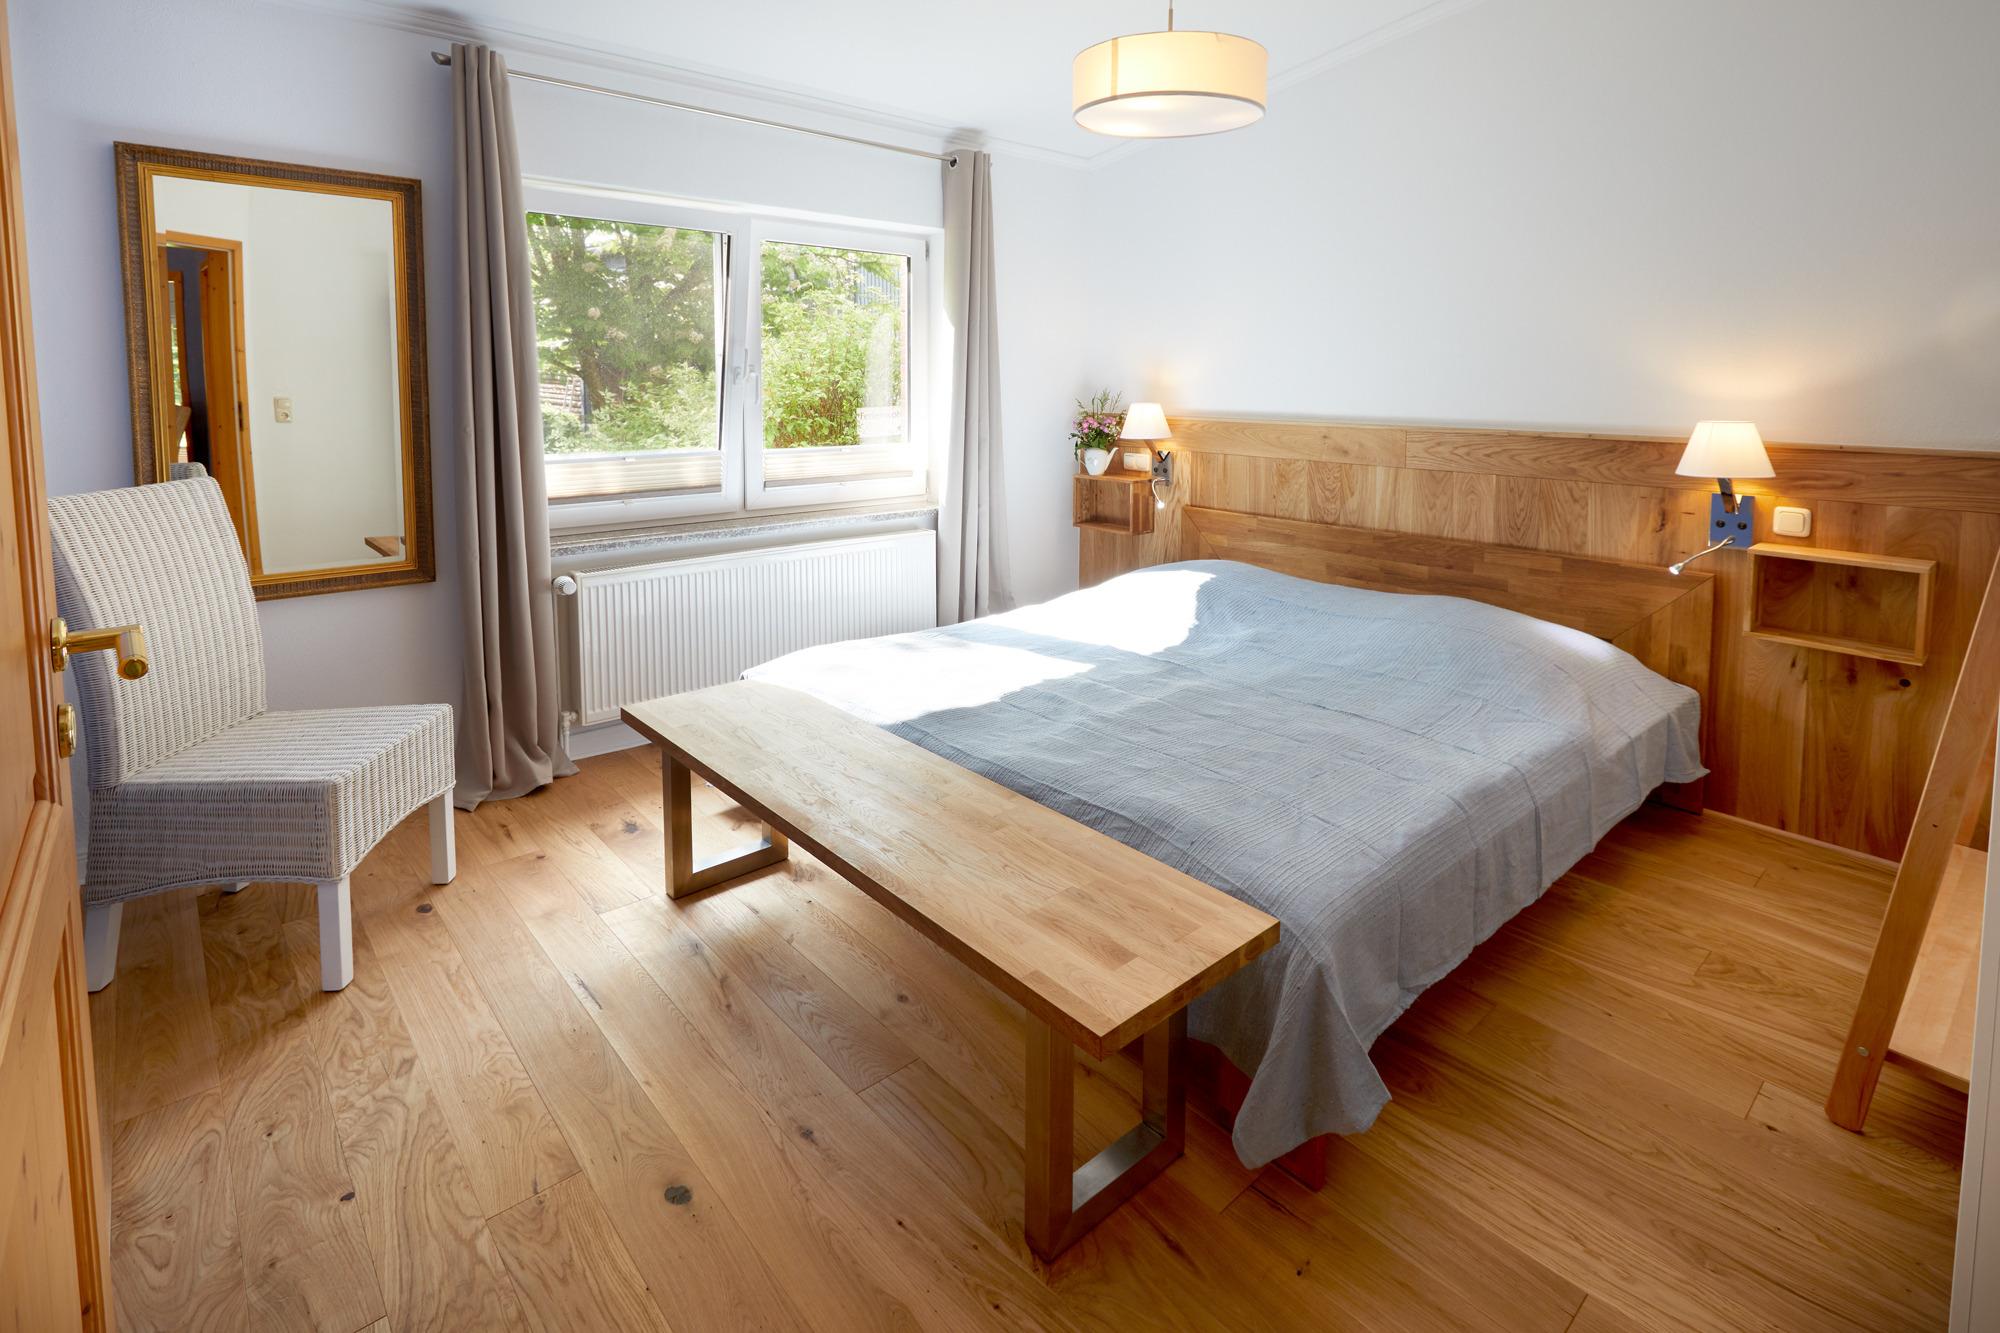 Ferienwohnung Nordmann, Haus am Wald (2655542), Lutzhorn, Schleswig-Holstein Binnenland, Schleswig-Holstein, Deutschland, Bild 2